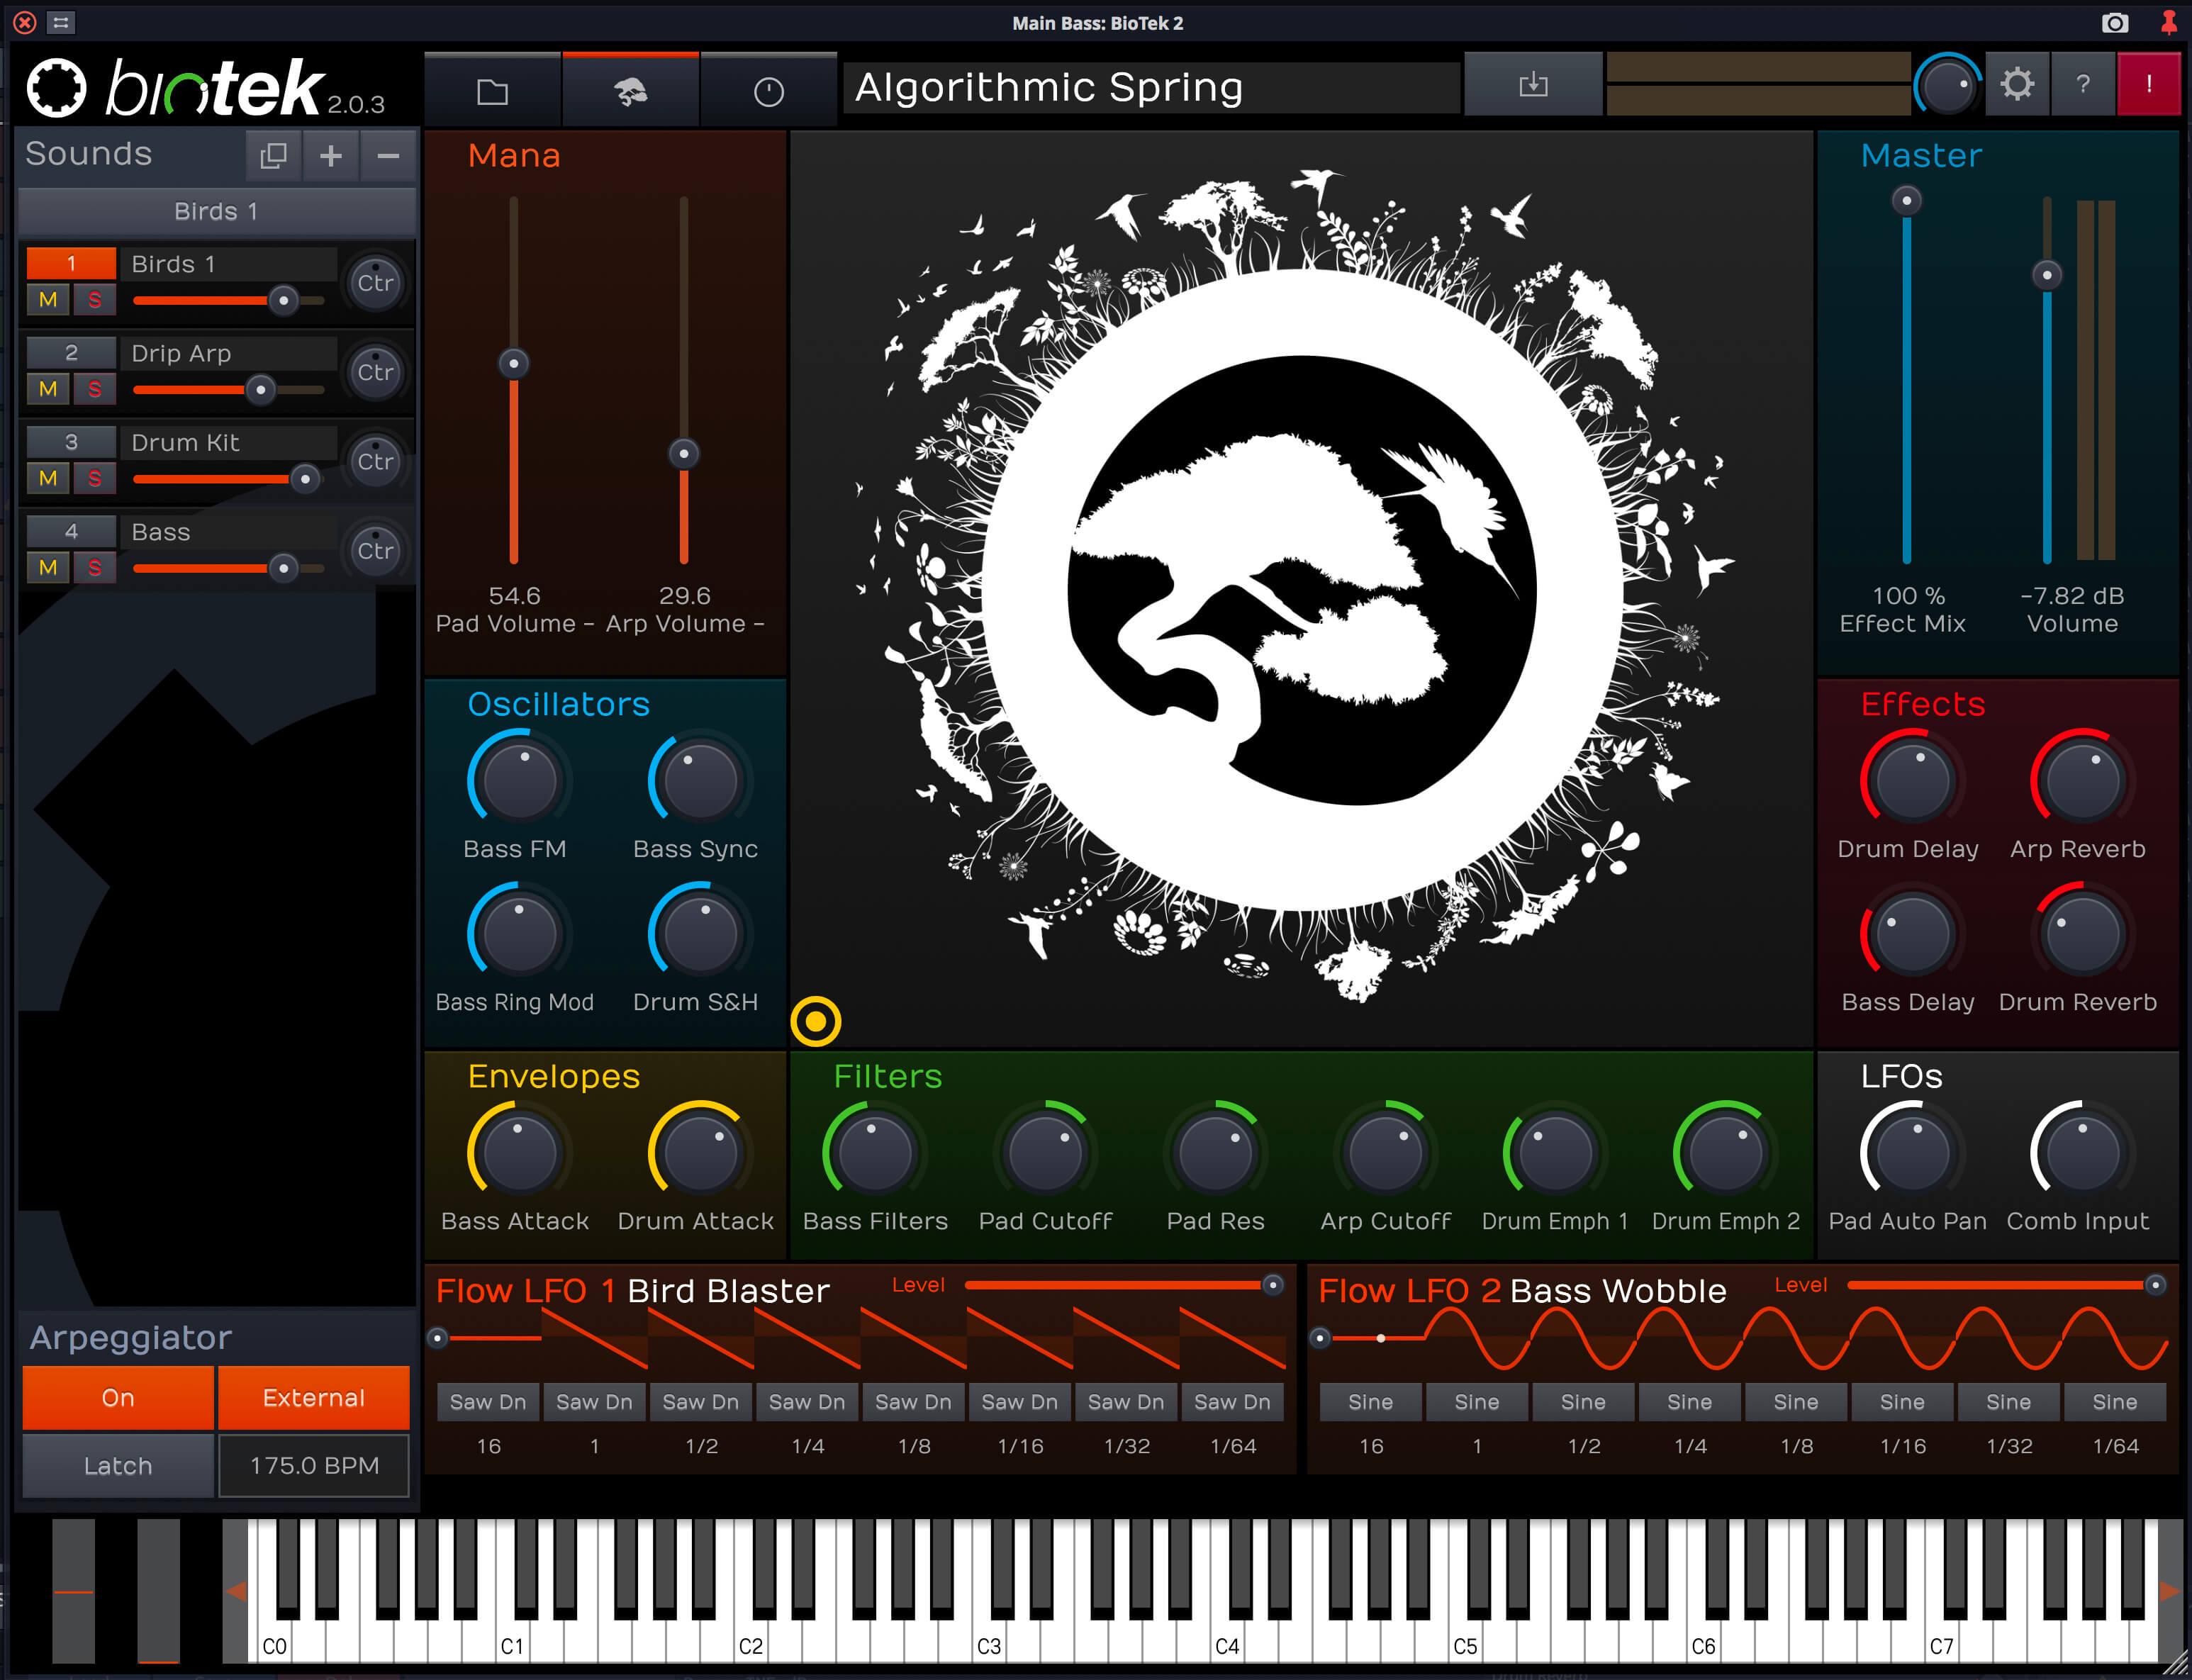 Tracktion releases Biotek 2 sampling and synthesis workstation